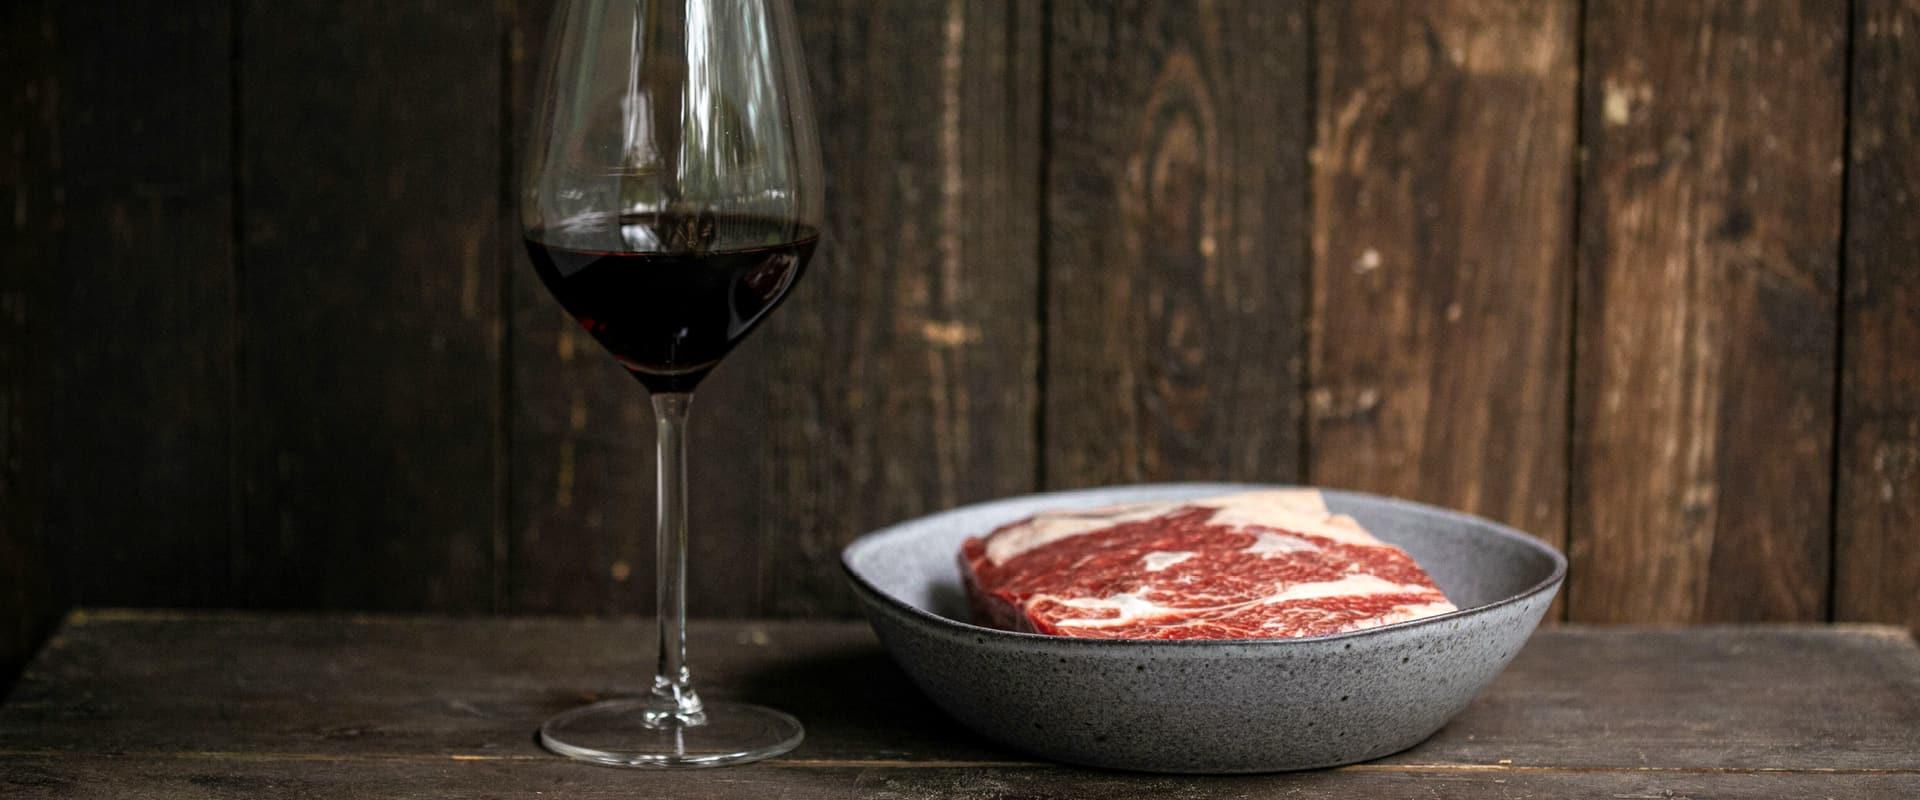 """""""Dieser Wein passt gut zu Fleisch?"""": Wir müssen lernen, zu differenzieren!"""